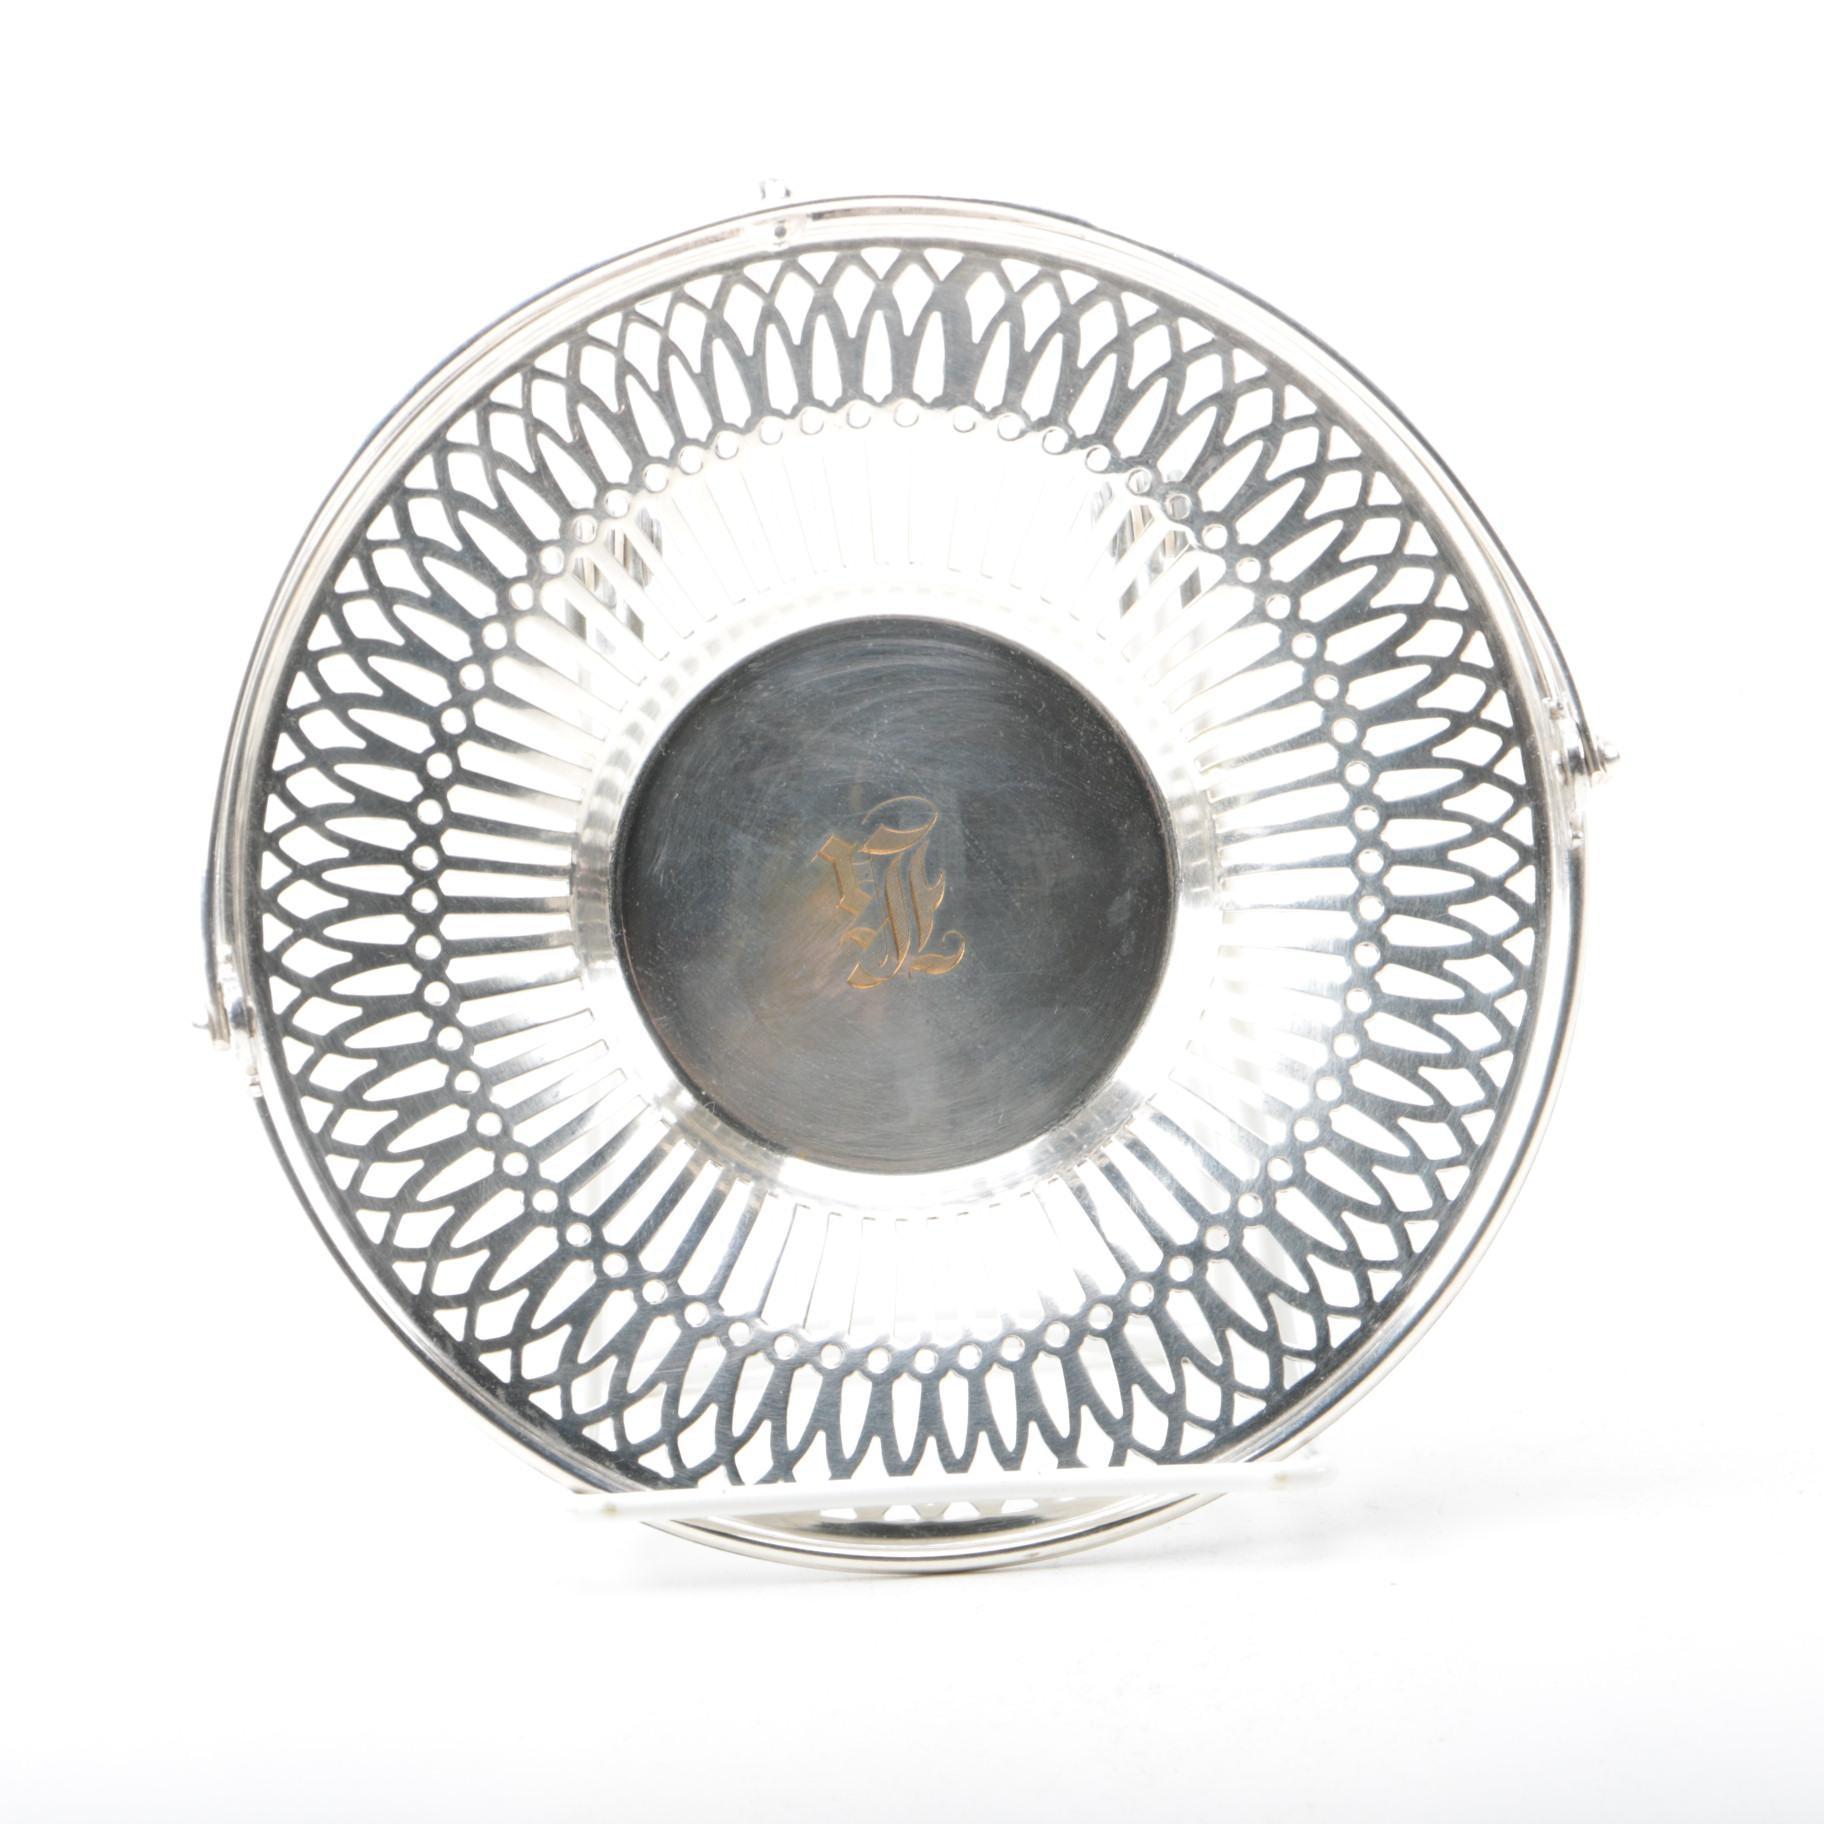 E.G. Webster & Son Silver Plate Pierced Basket